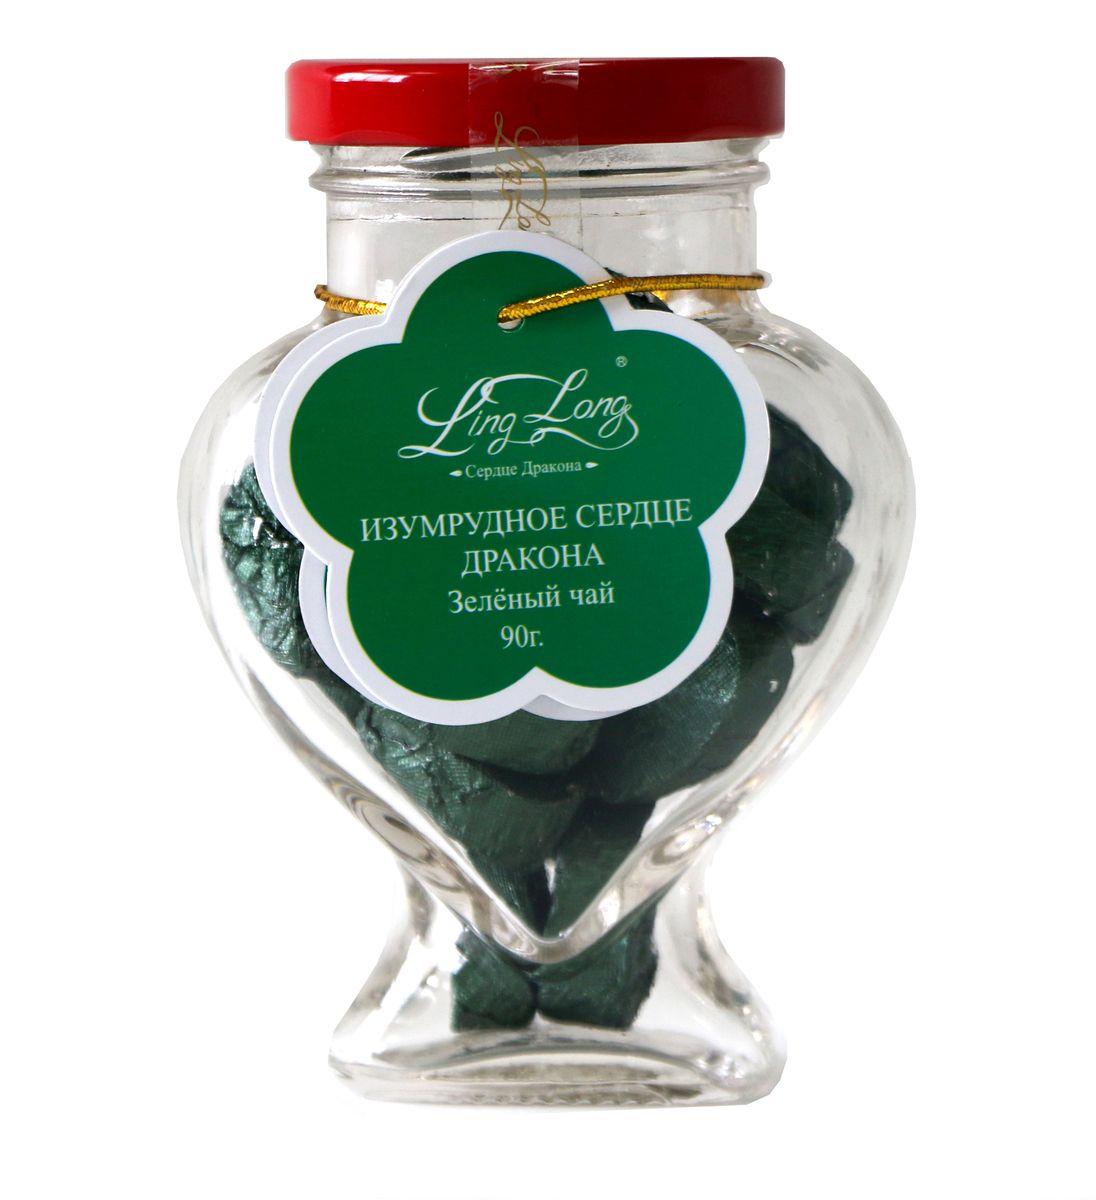 Ling Long Изумрудное сердце дракона зеленый листовой чай, 90 г (стеклянная банка)LL501Чай зеленый байховый китайский крупнолистовой Ling Long Изумрудное сердце дракона. Спрессован в форме сердечек. Такой чай станет отличным подарком друзьям или близким.